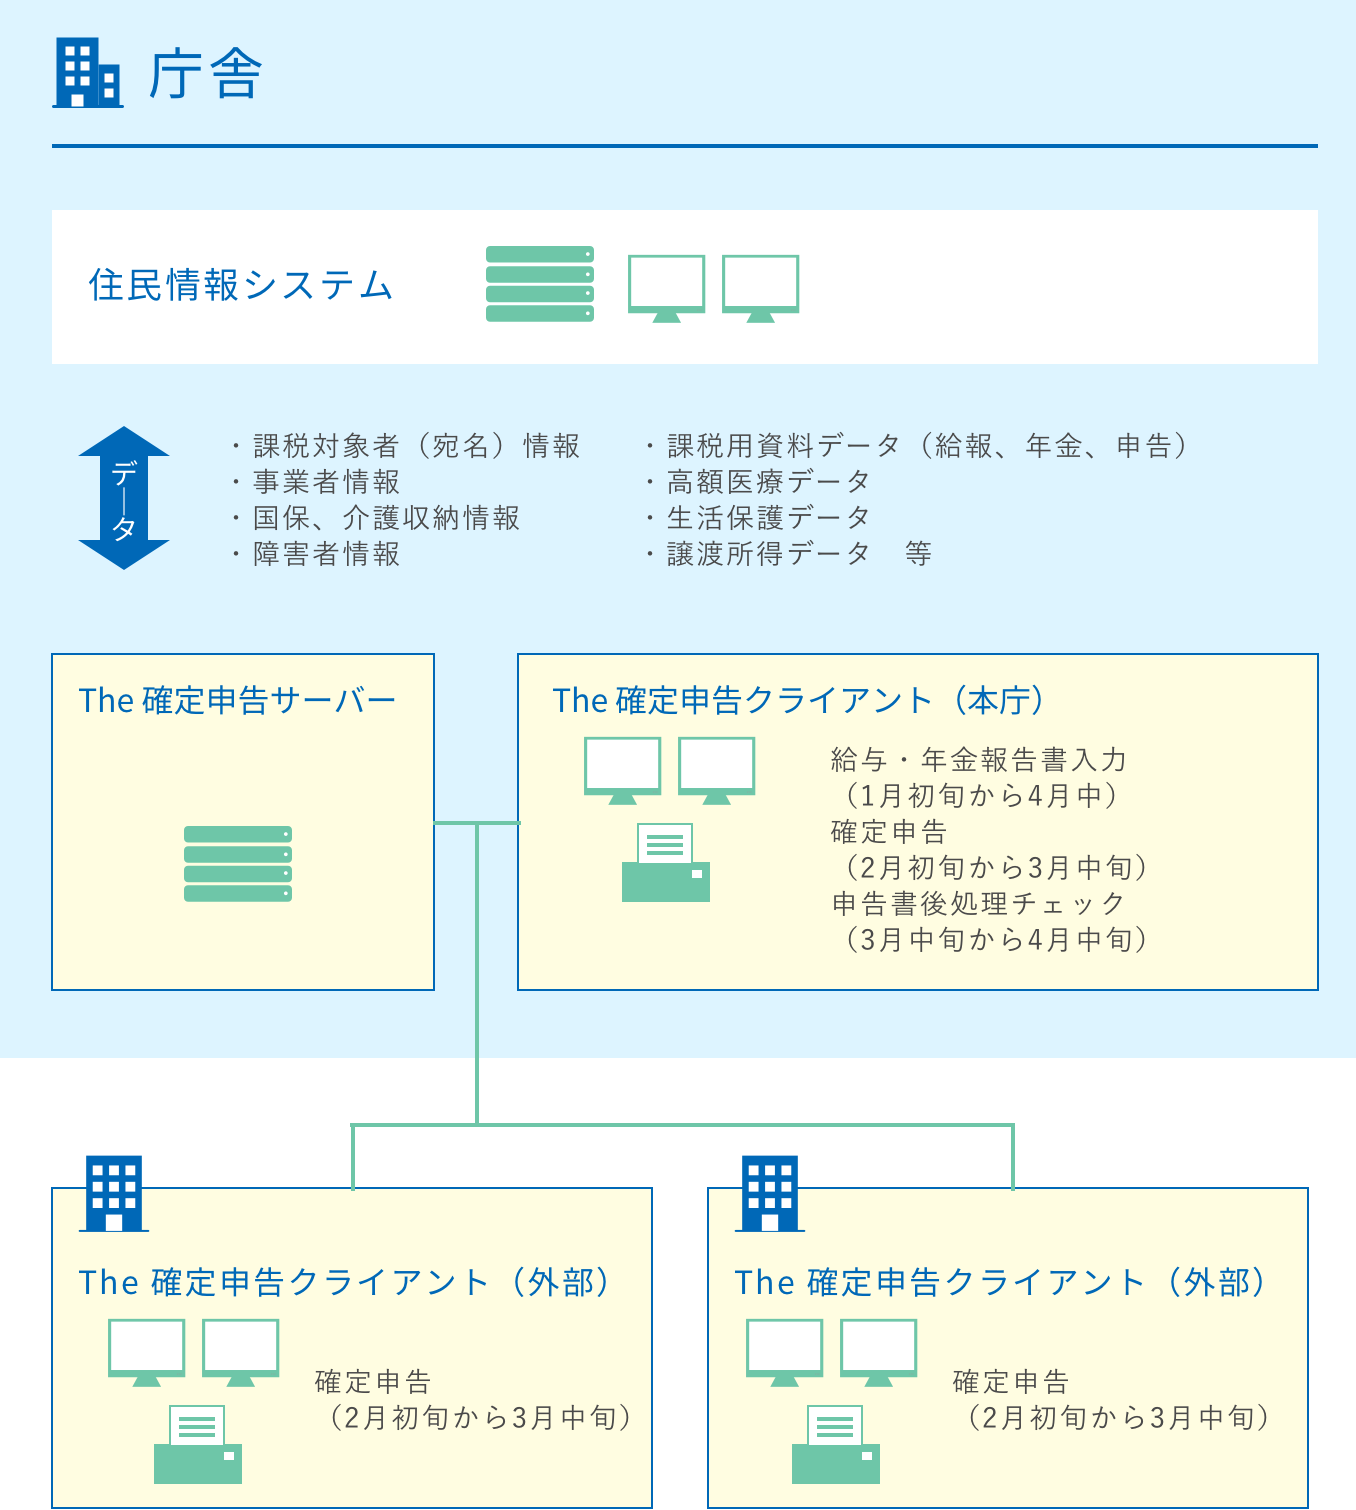 システムの運用例2の図